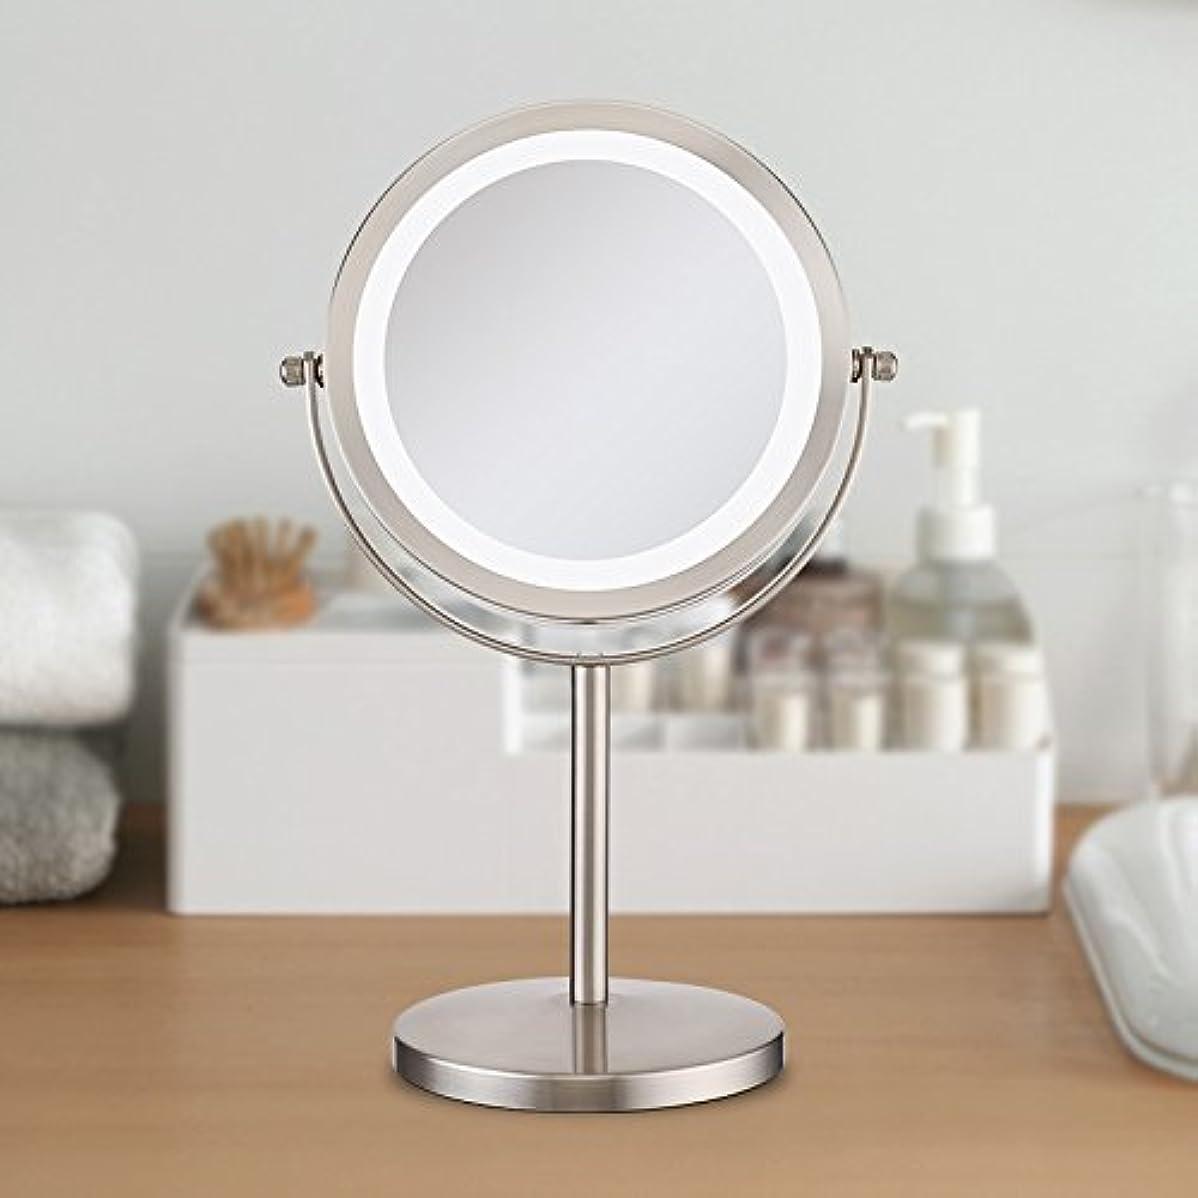 報酬の批評保守的(セーディコ)Cerdeco 真実の北欧風卓上鏡DX LEDライト付き 10倍拡大率 両面化粧鏡 真実の鏡DX スタンドミラー 鏡面φ178mm D710N